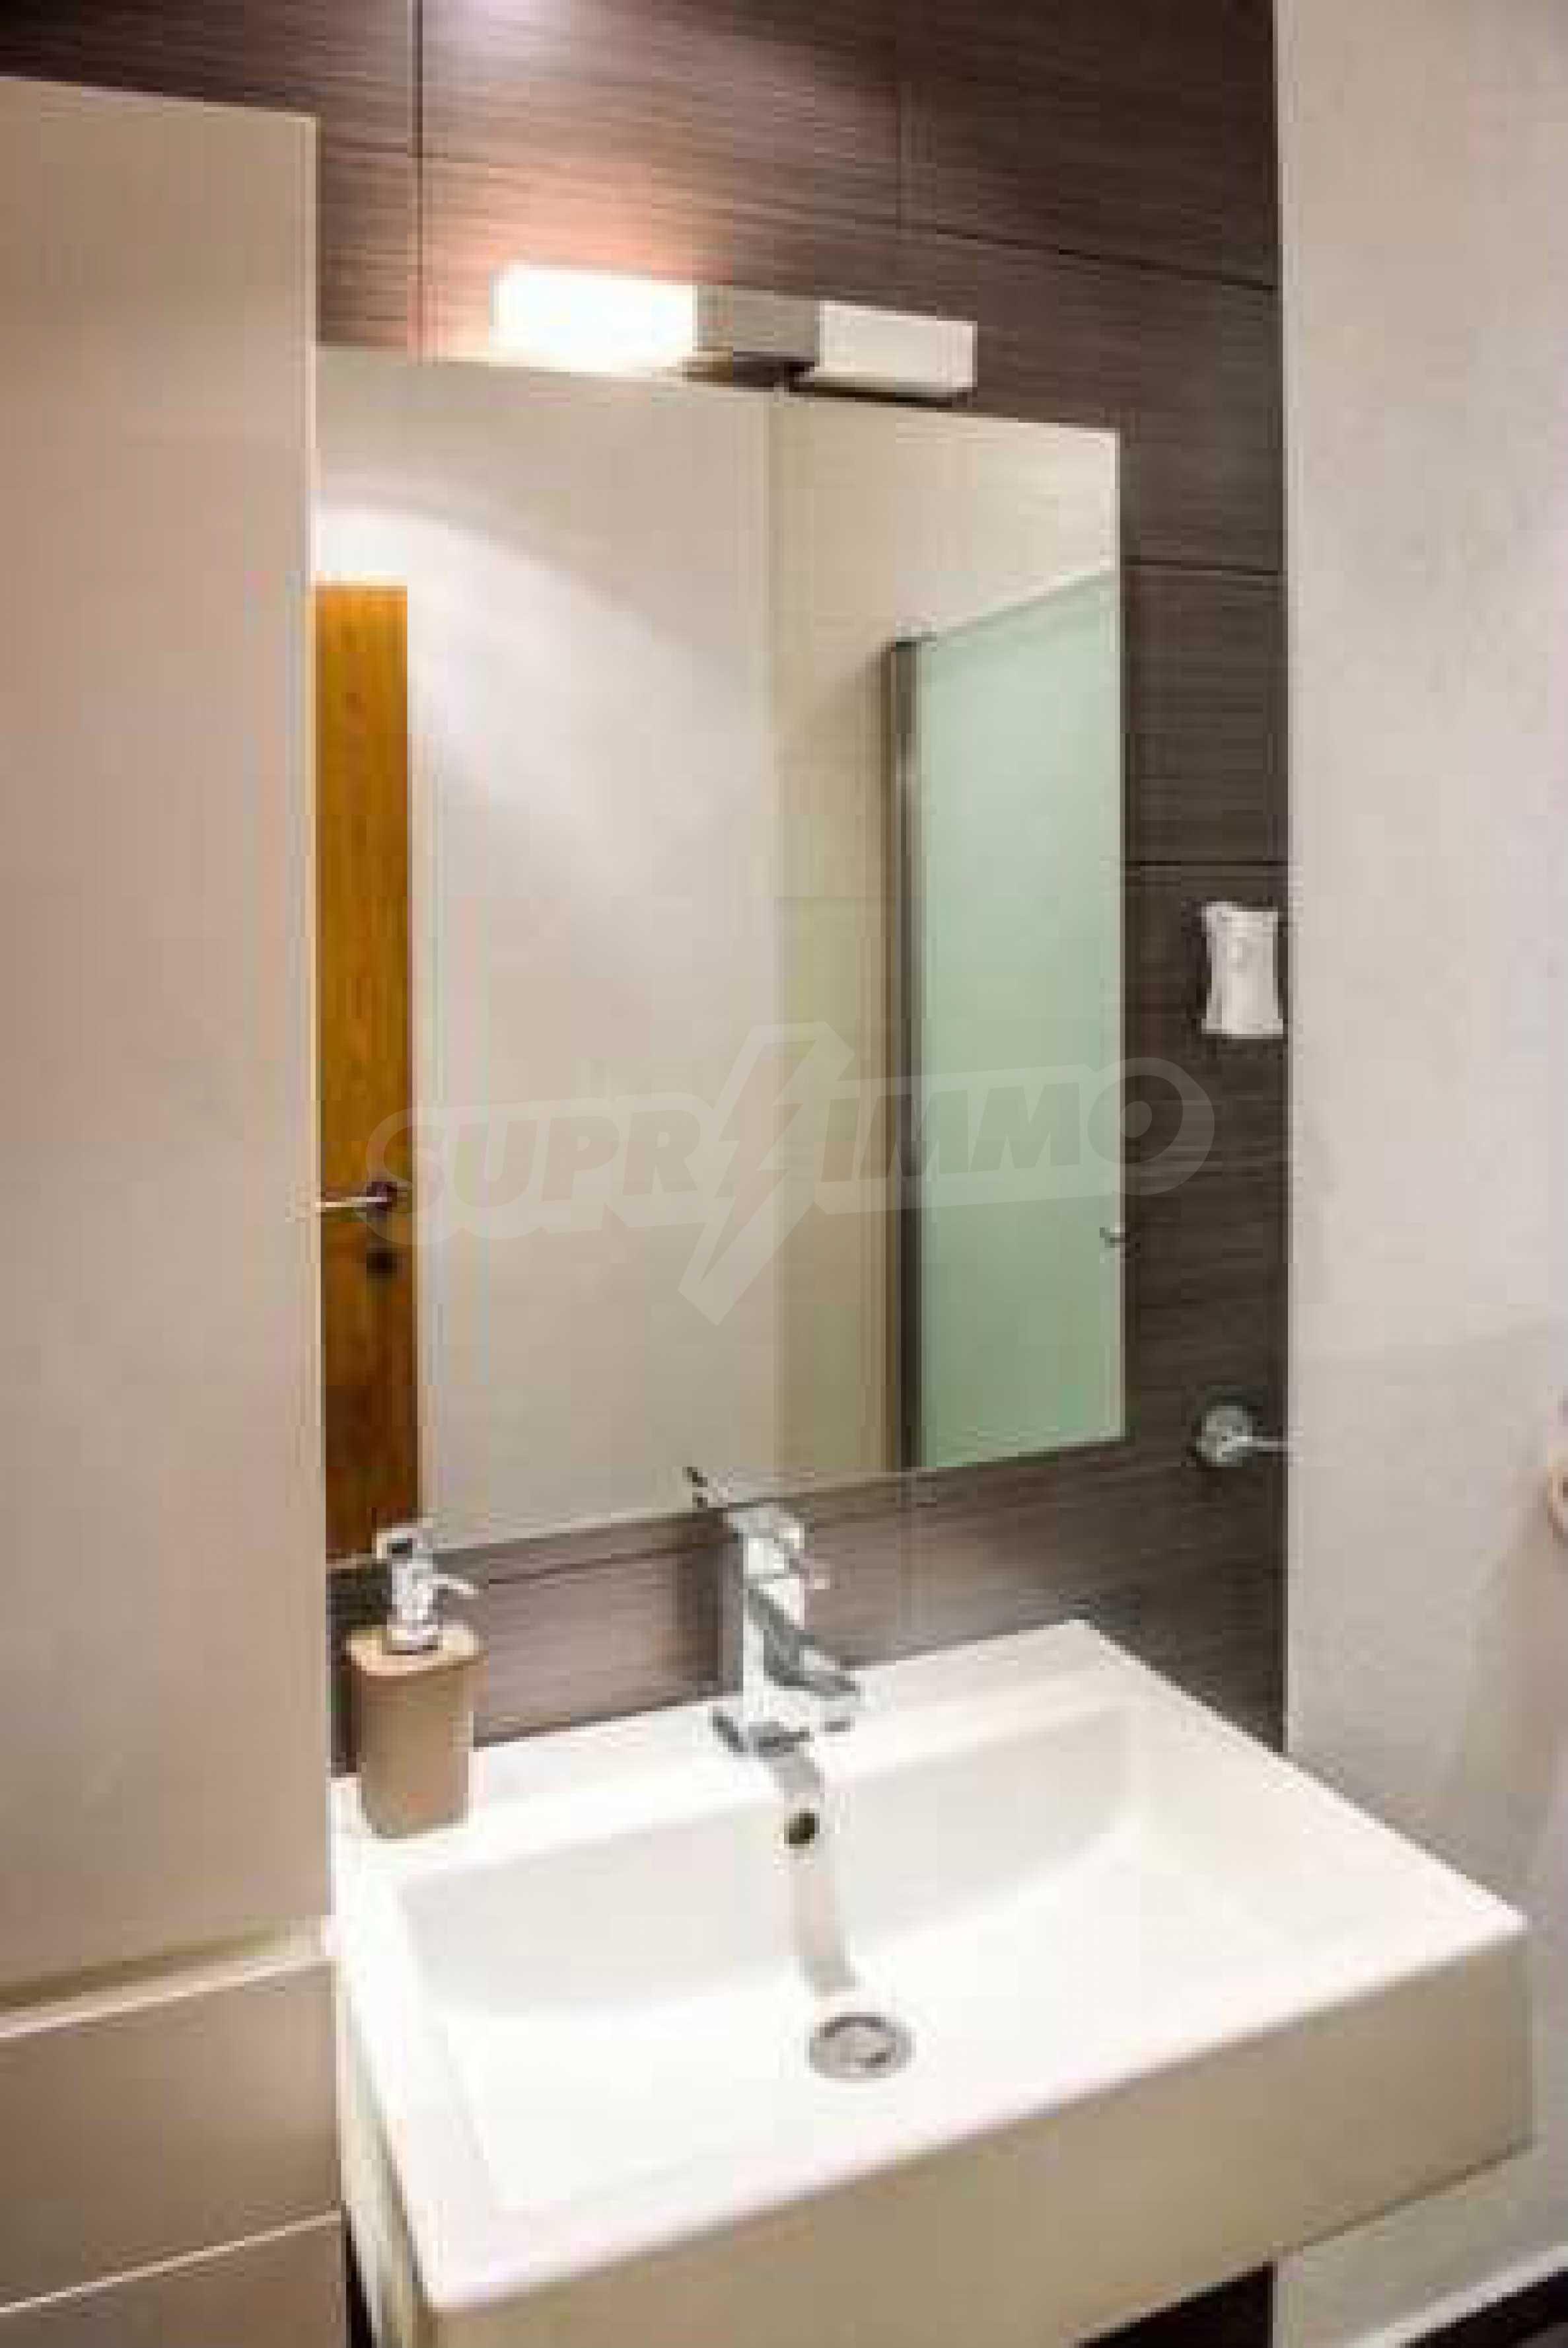 Новопостроен тристаен апартамент в кв. на град В. Търново  7